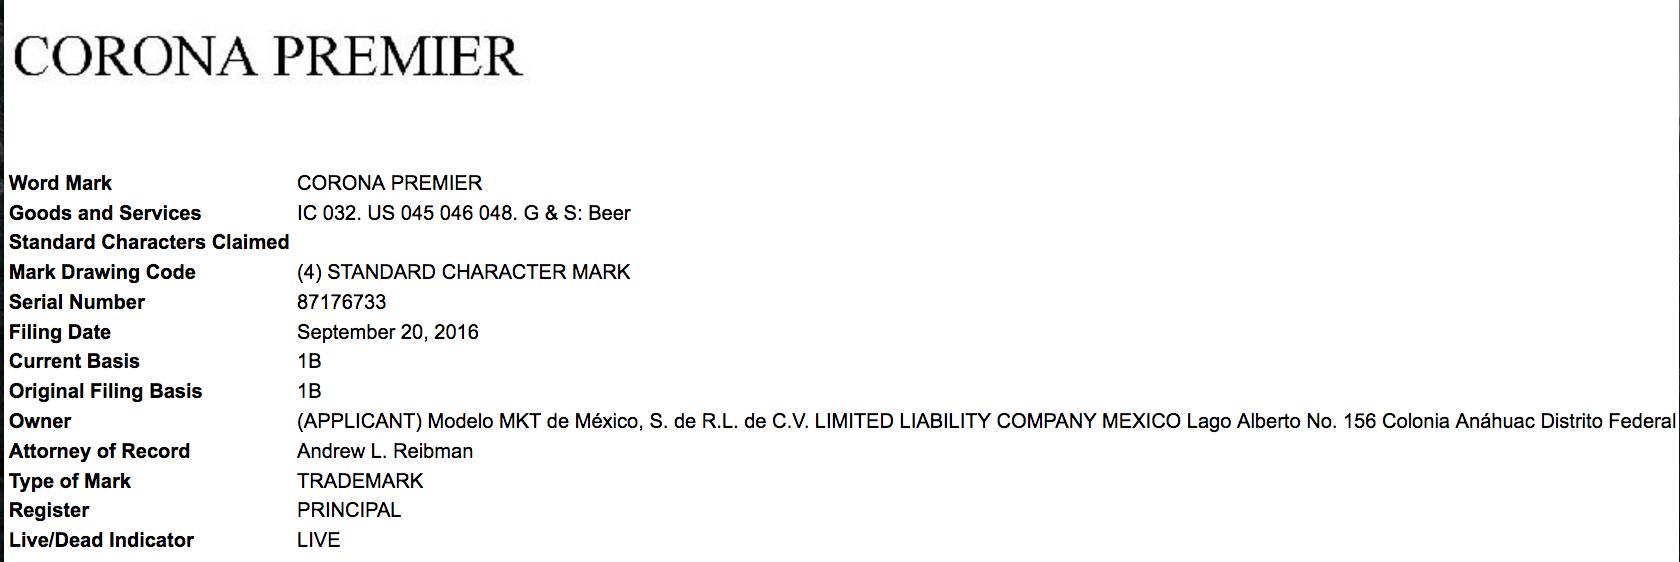 a-new-beer-from-corona-perhaps-coronapremier-corona-corona